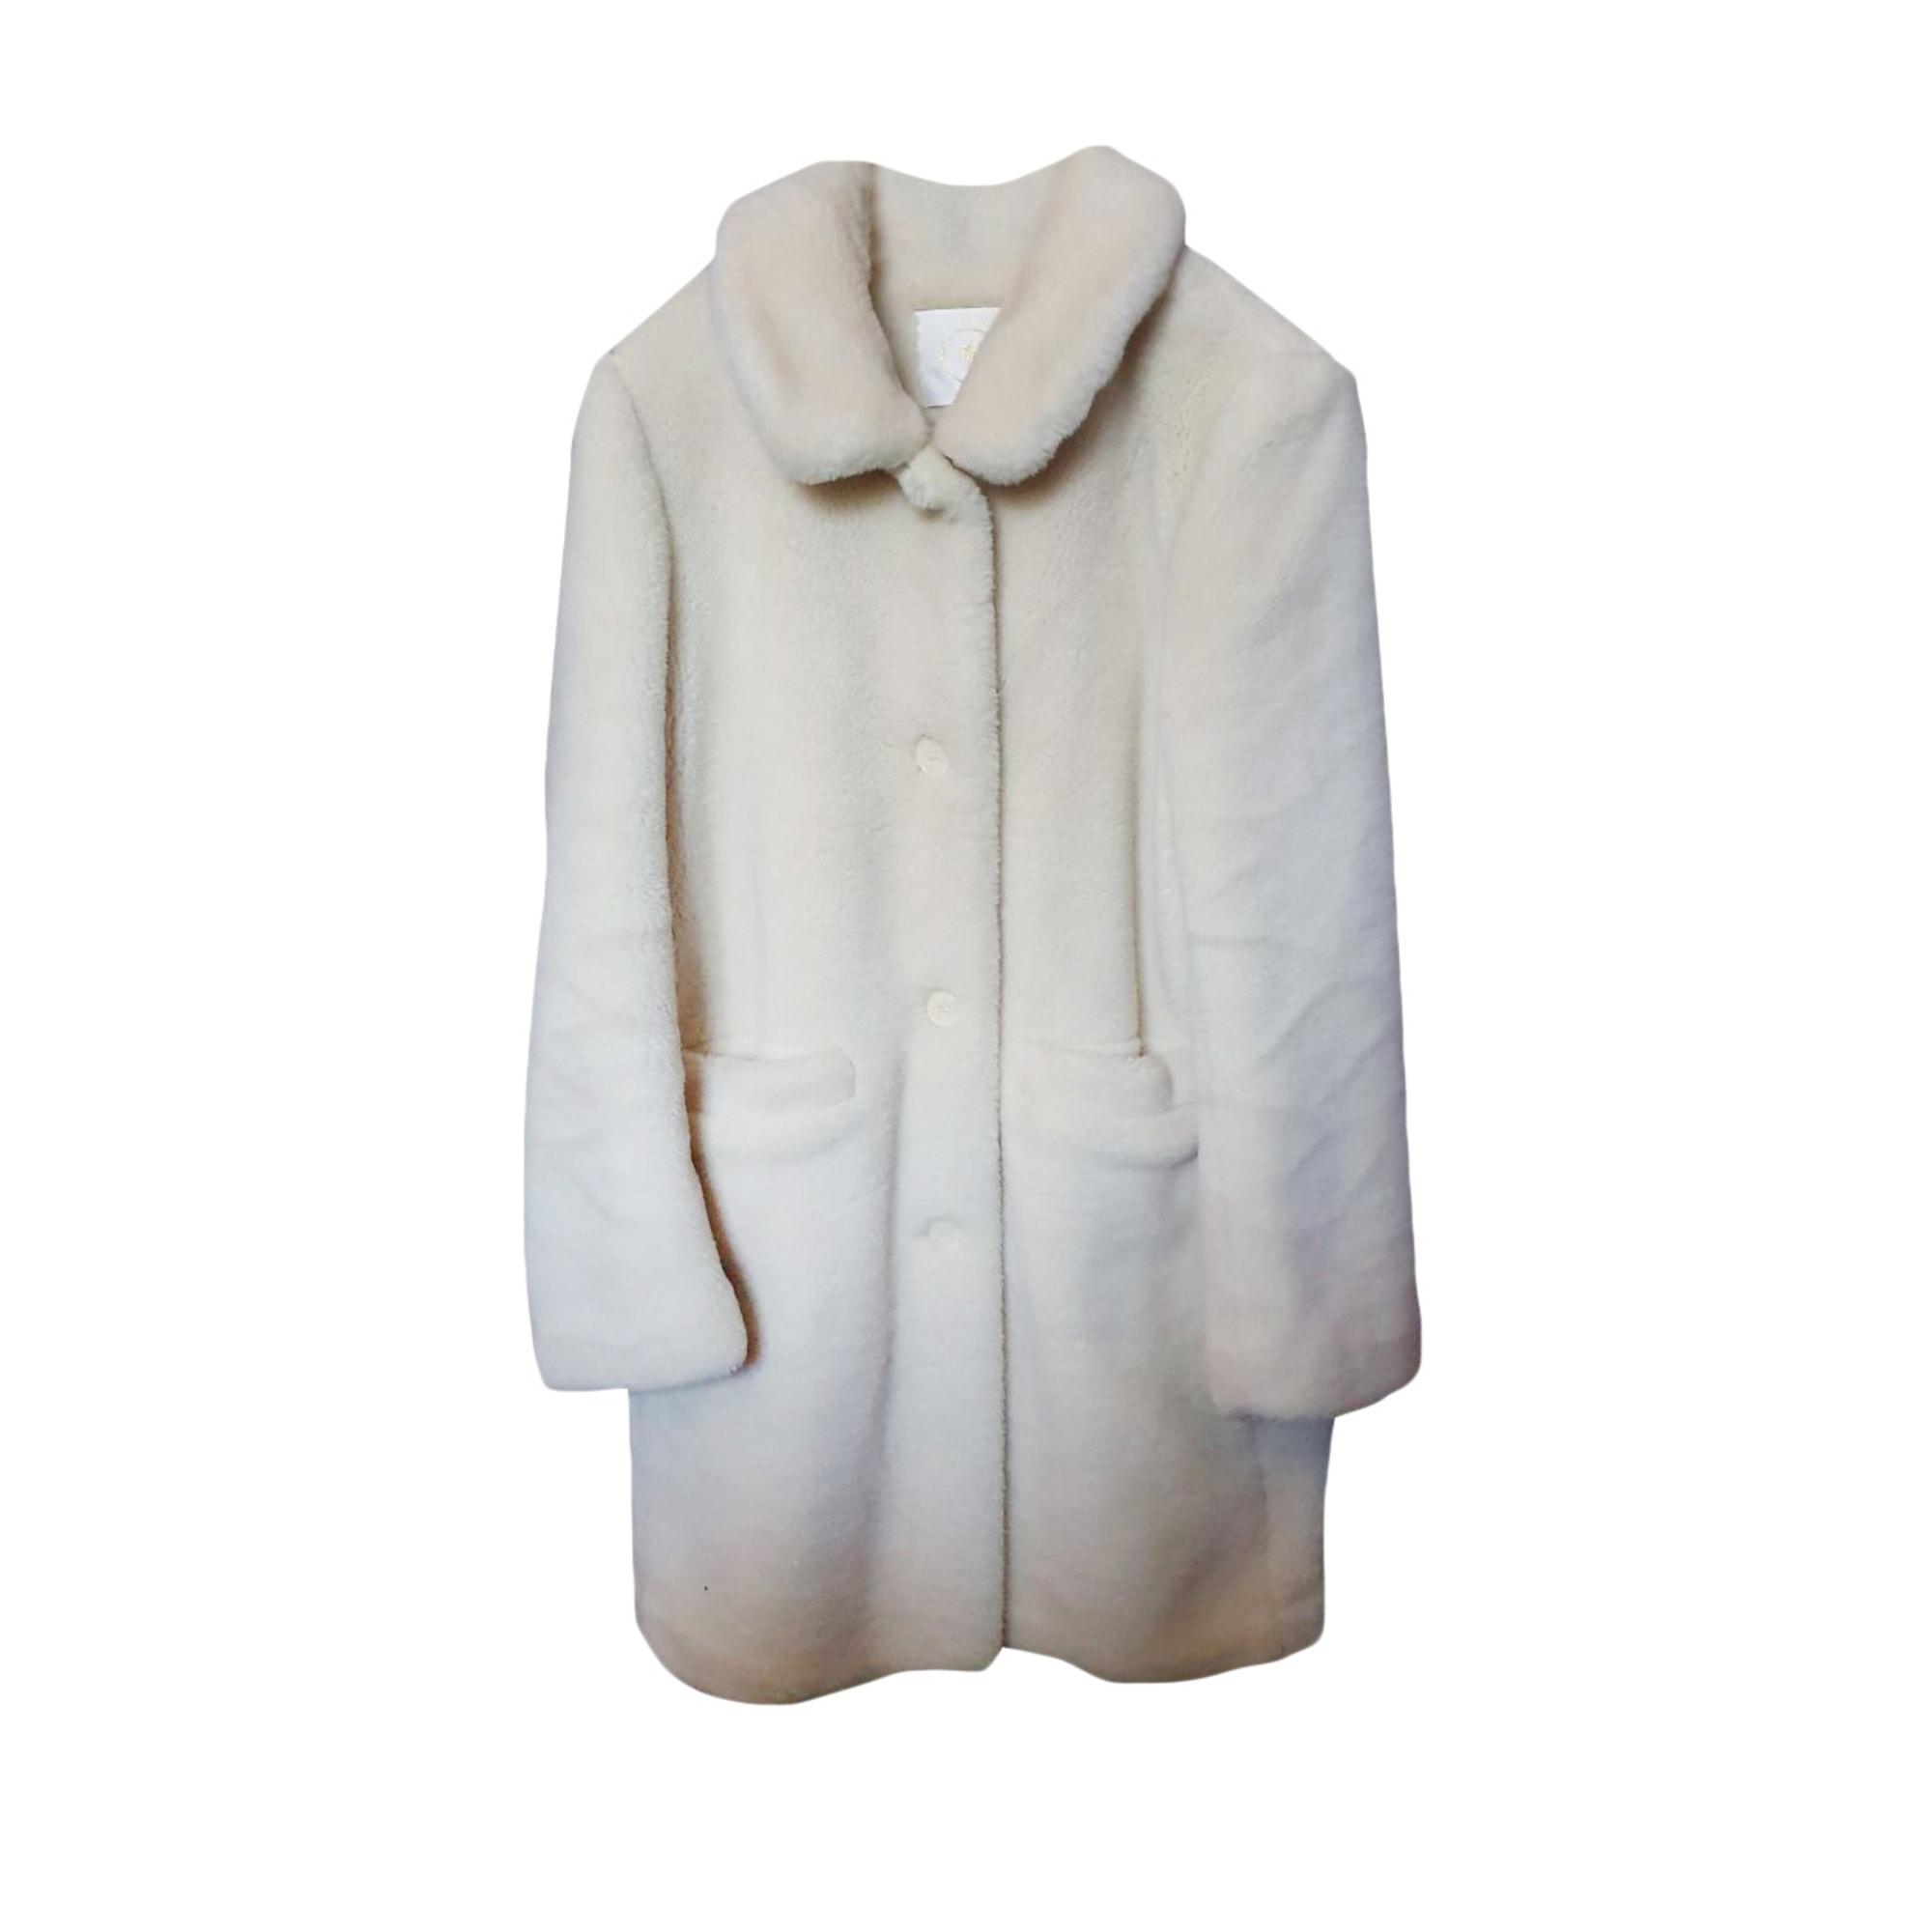 Manteau en fourrure DES PETITS HAUTS Blanc, blanc cassé, écru